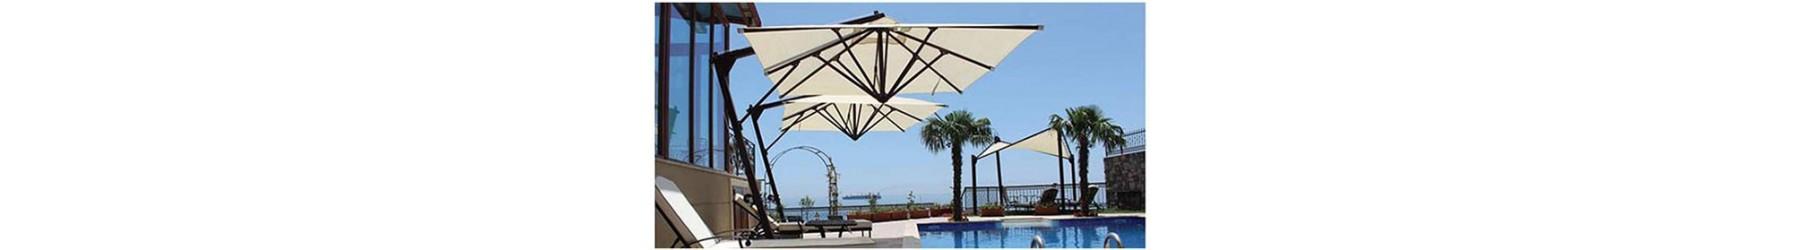 Ομπρέλες κήπου, πισίνας και παραλίας. Επαγγελματικές - οικιακής χρήσης